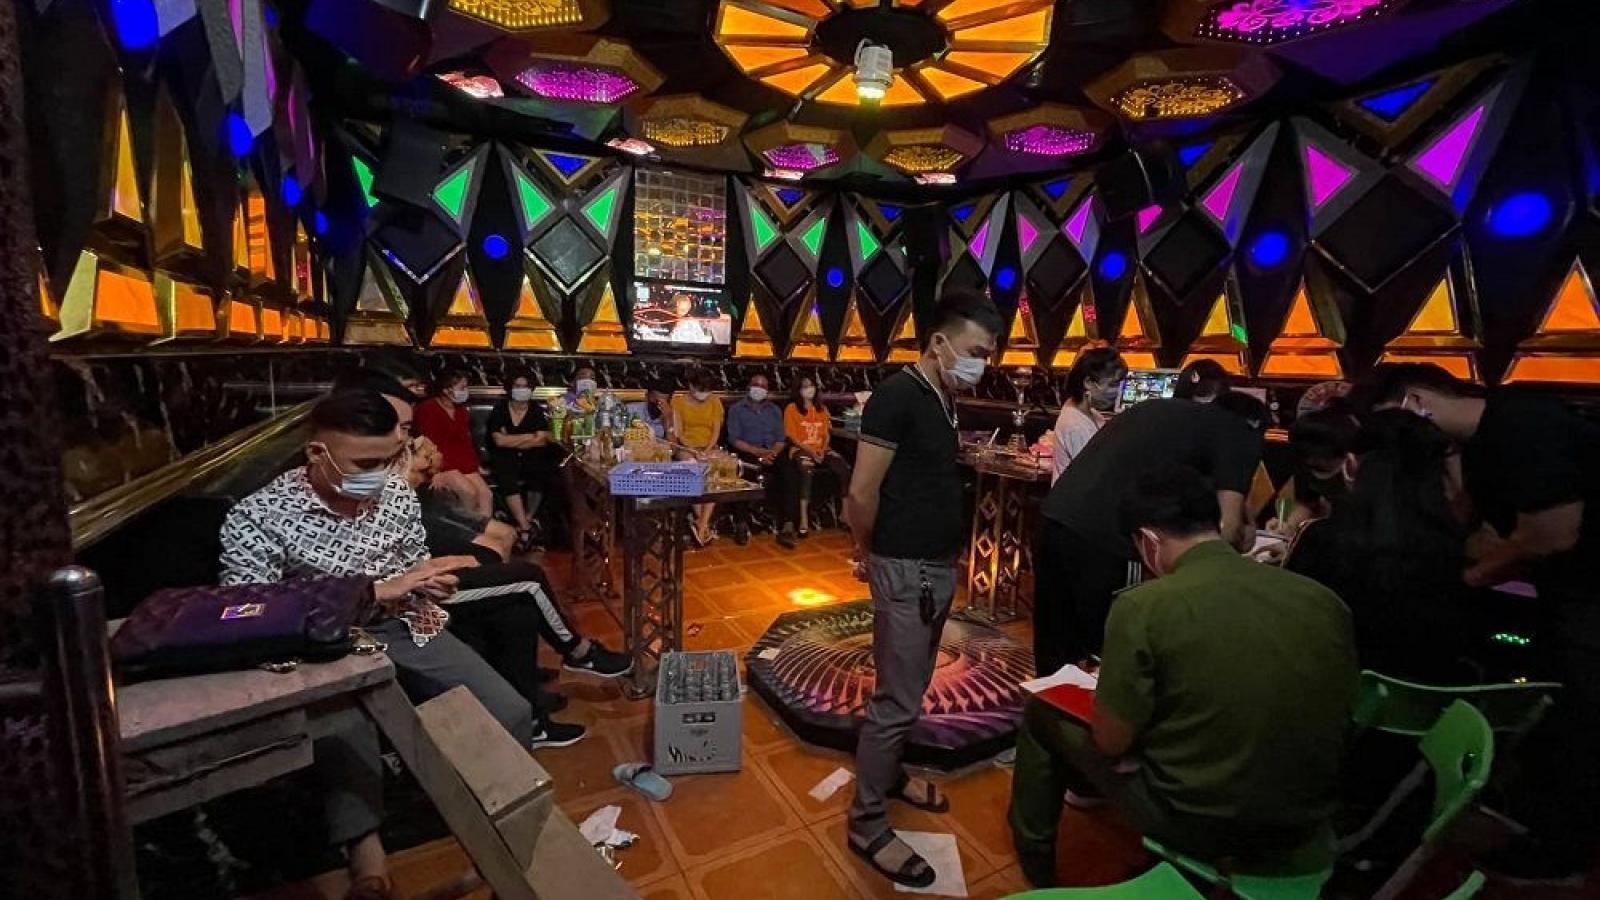 2 quán Karaoke và 17 người hát tại Sơn La bị xử phạt vì vi phạm chống dịch